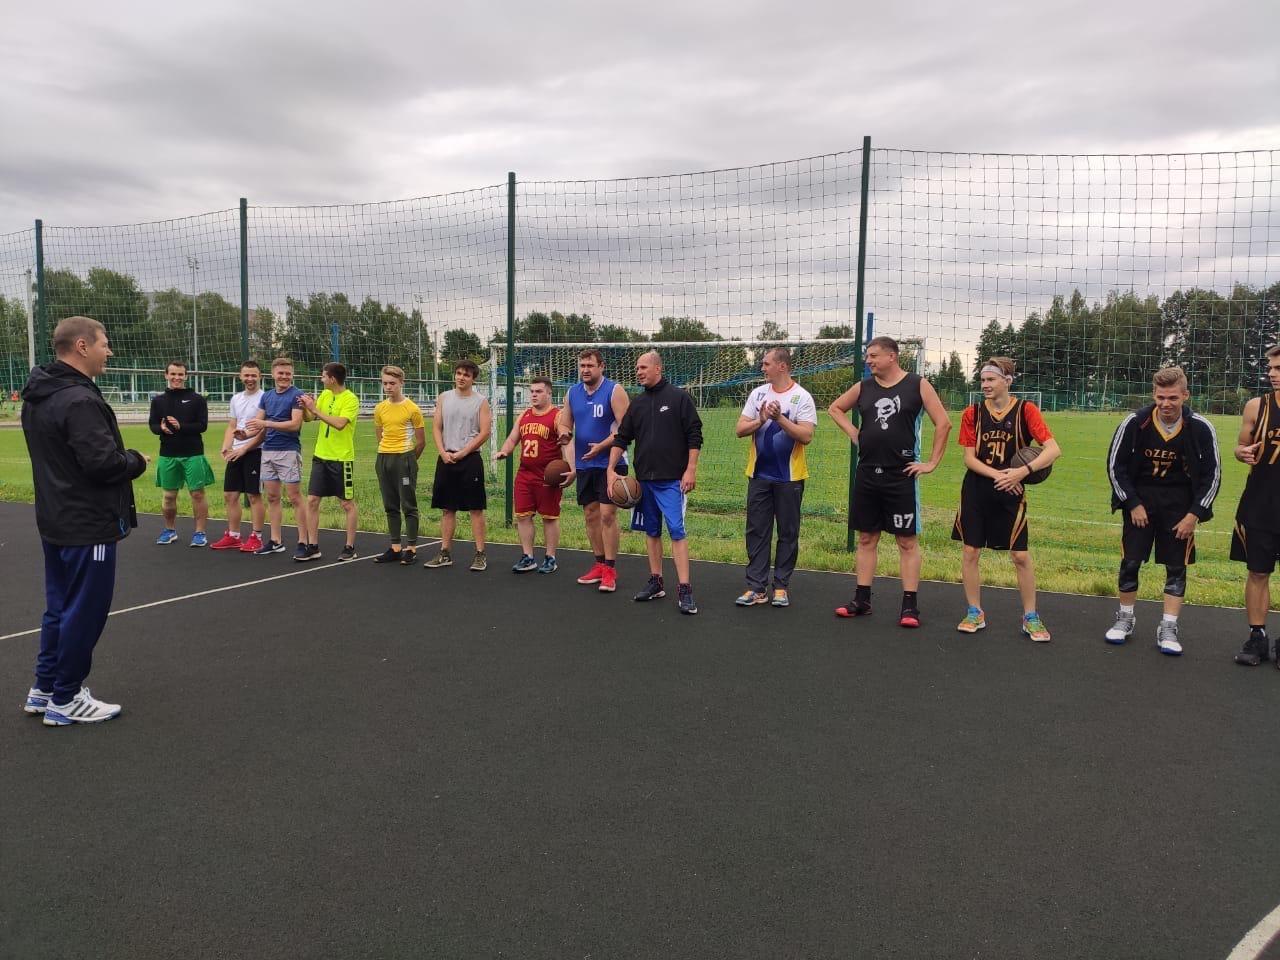 15 августа на Стадионе им. А.Гринина прошел Турнир по стритболу, посвящённый Дню города #Озеры95.